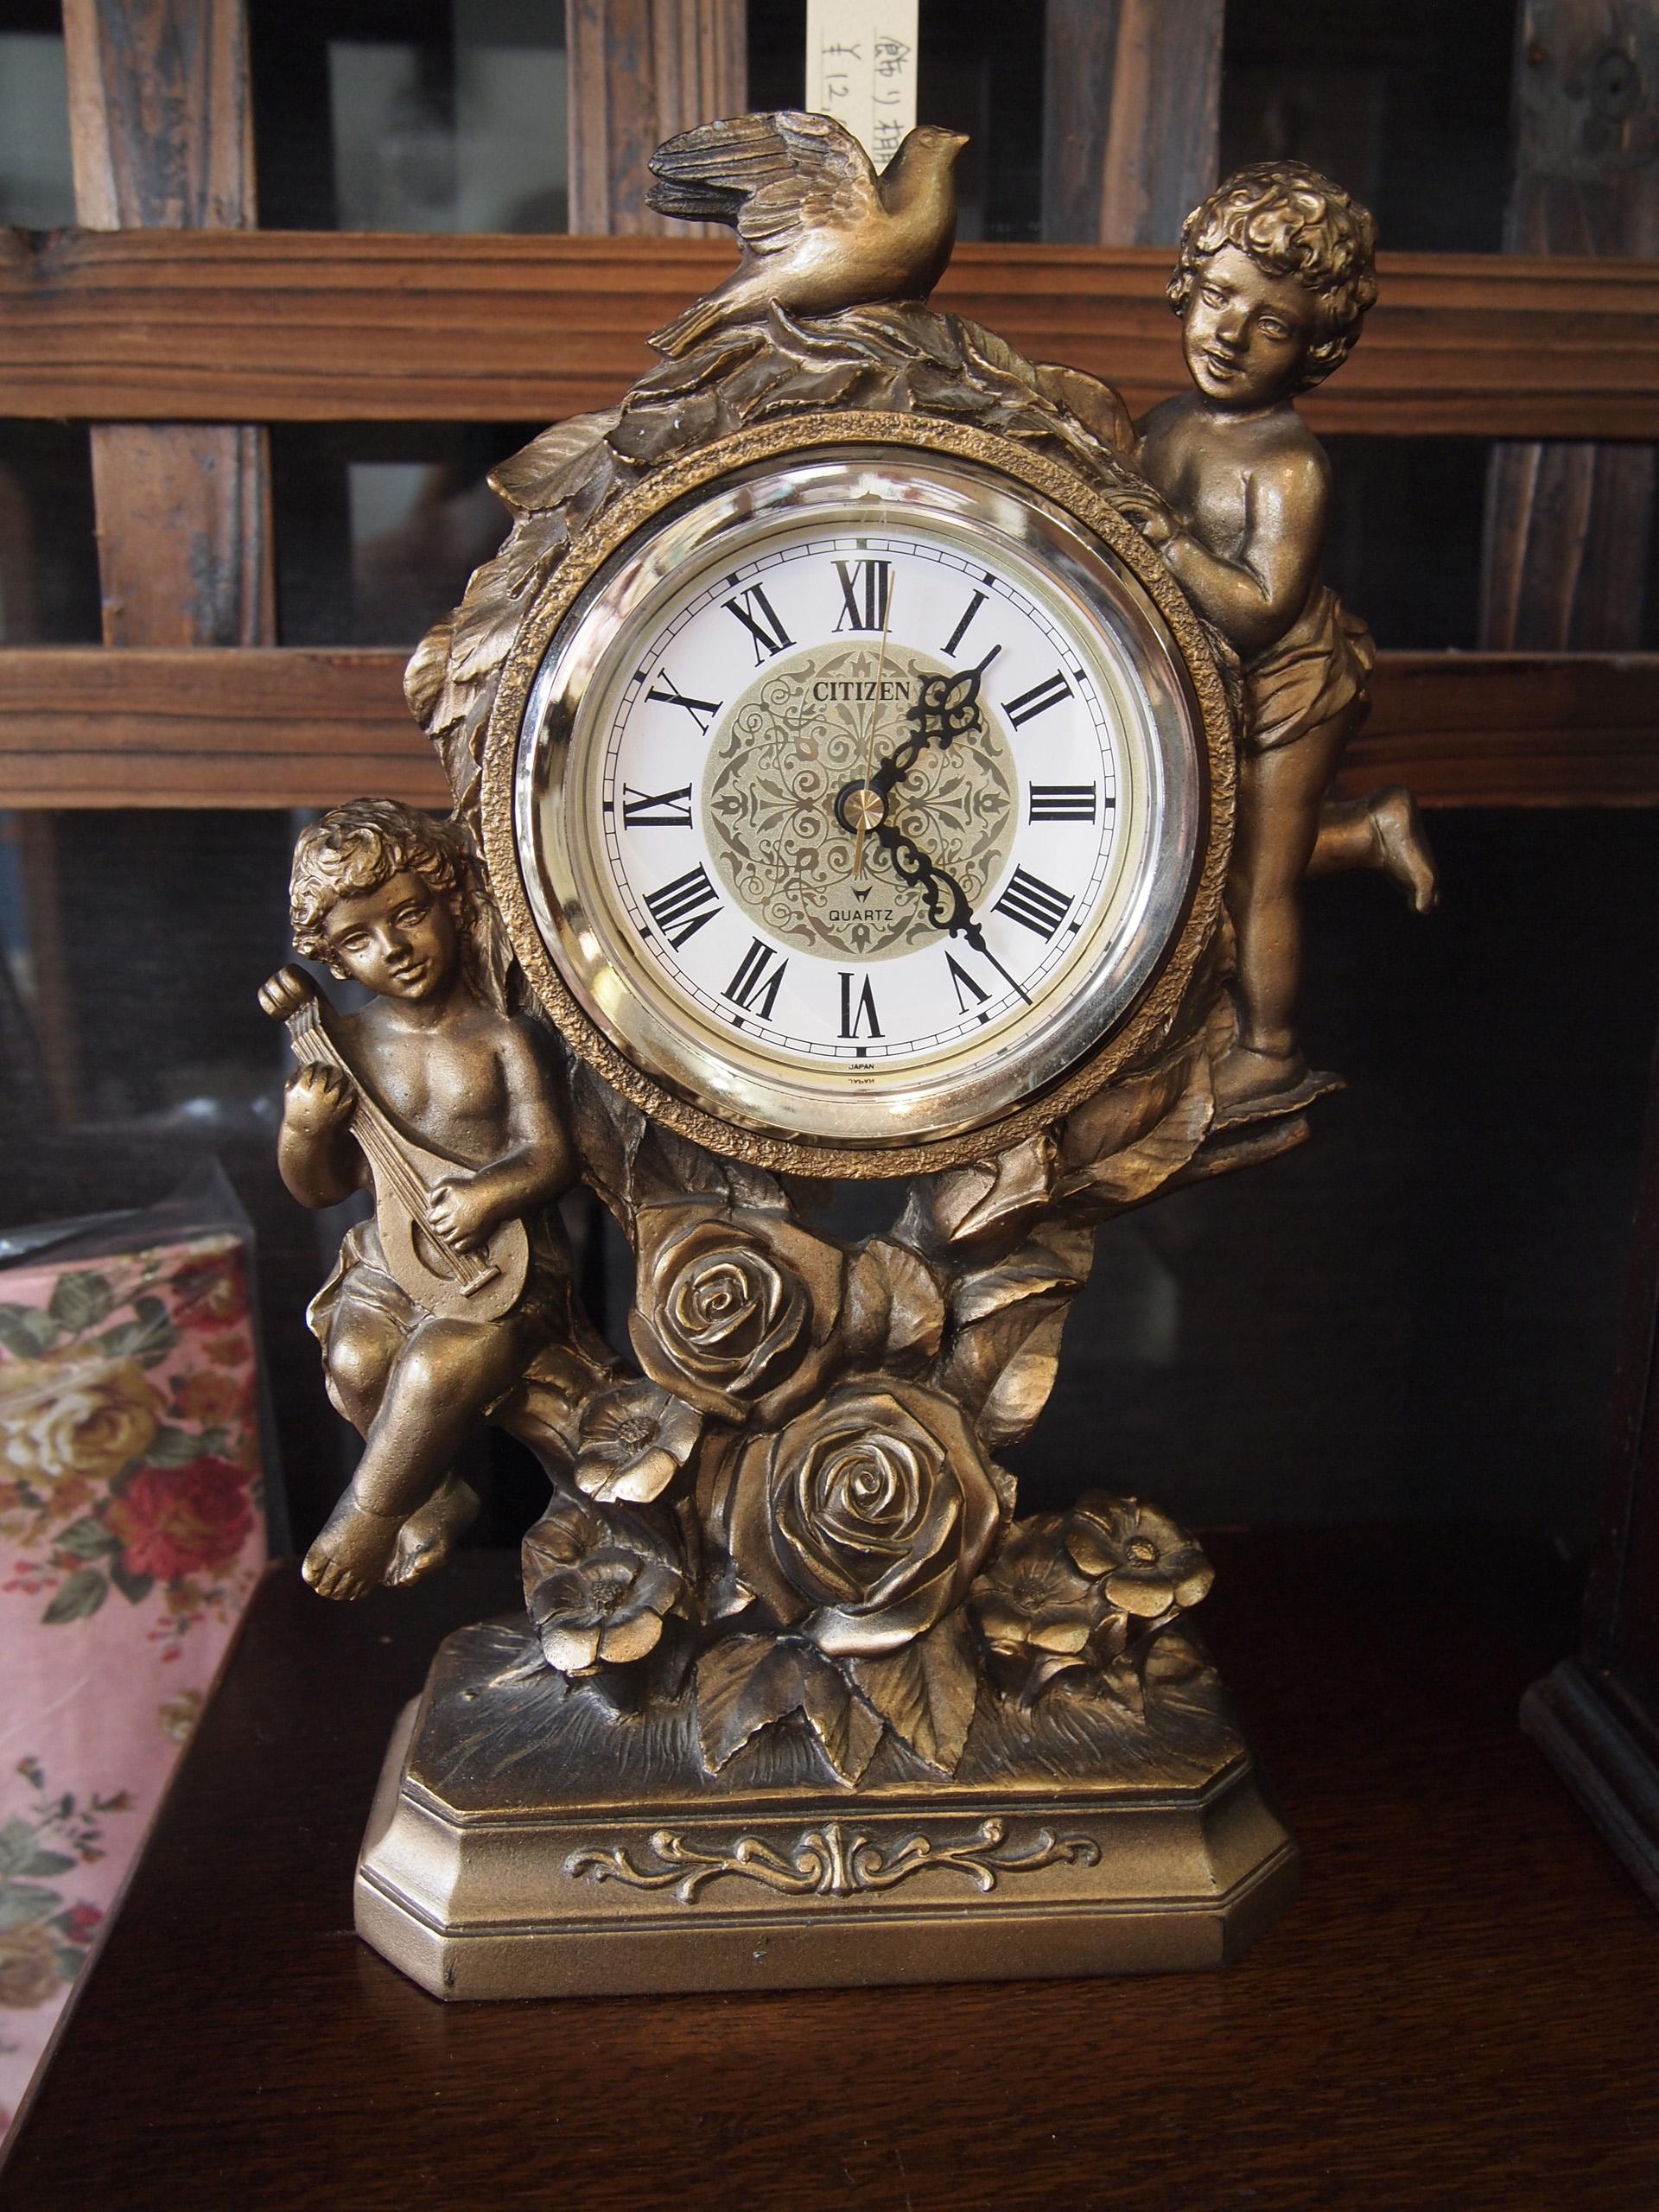 アンティークな置時計でレトロ感あふれる魅力的なお部屋を楽しもう!のサムネイル画像